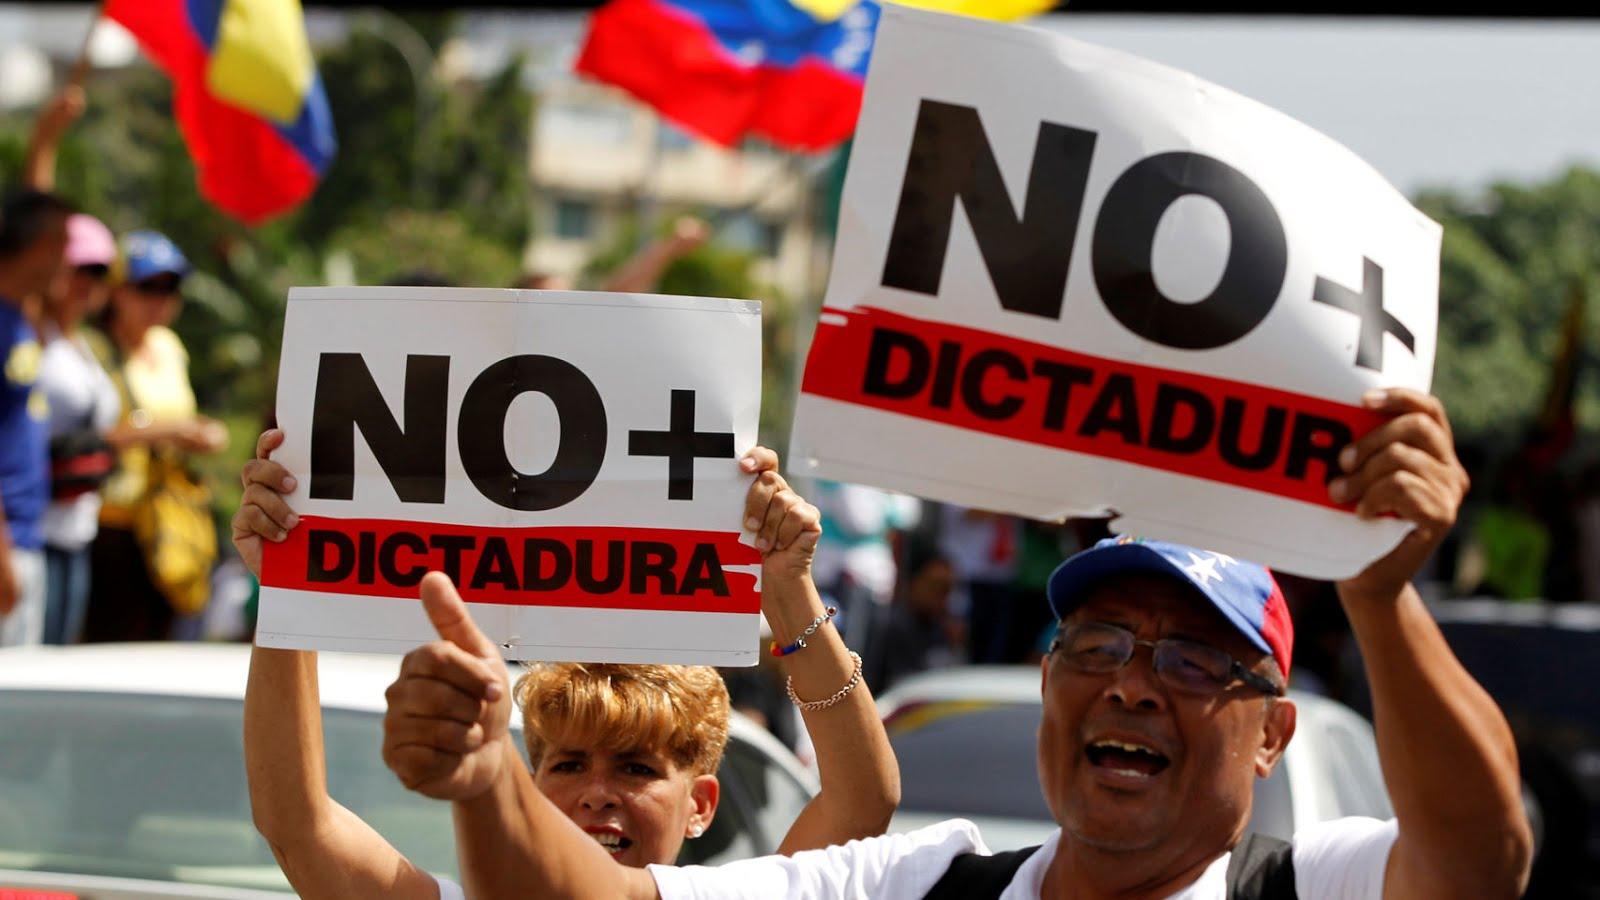 NO + DICTADURAS